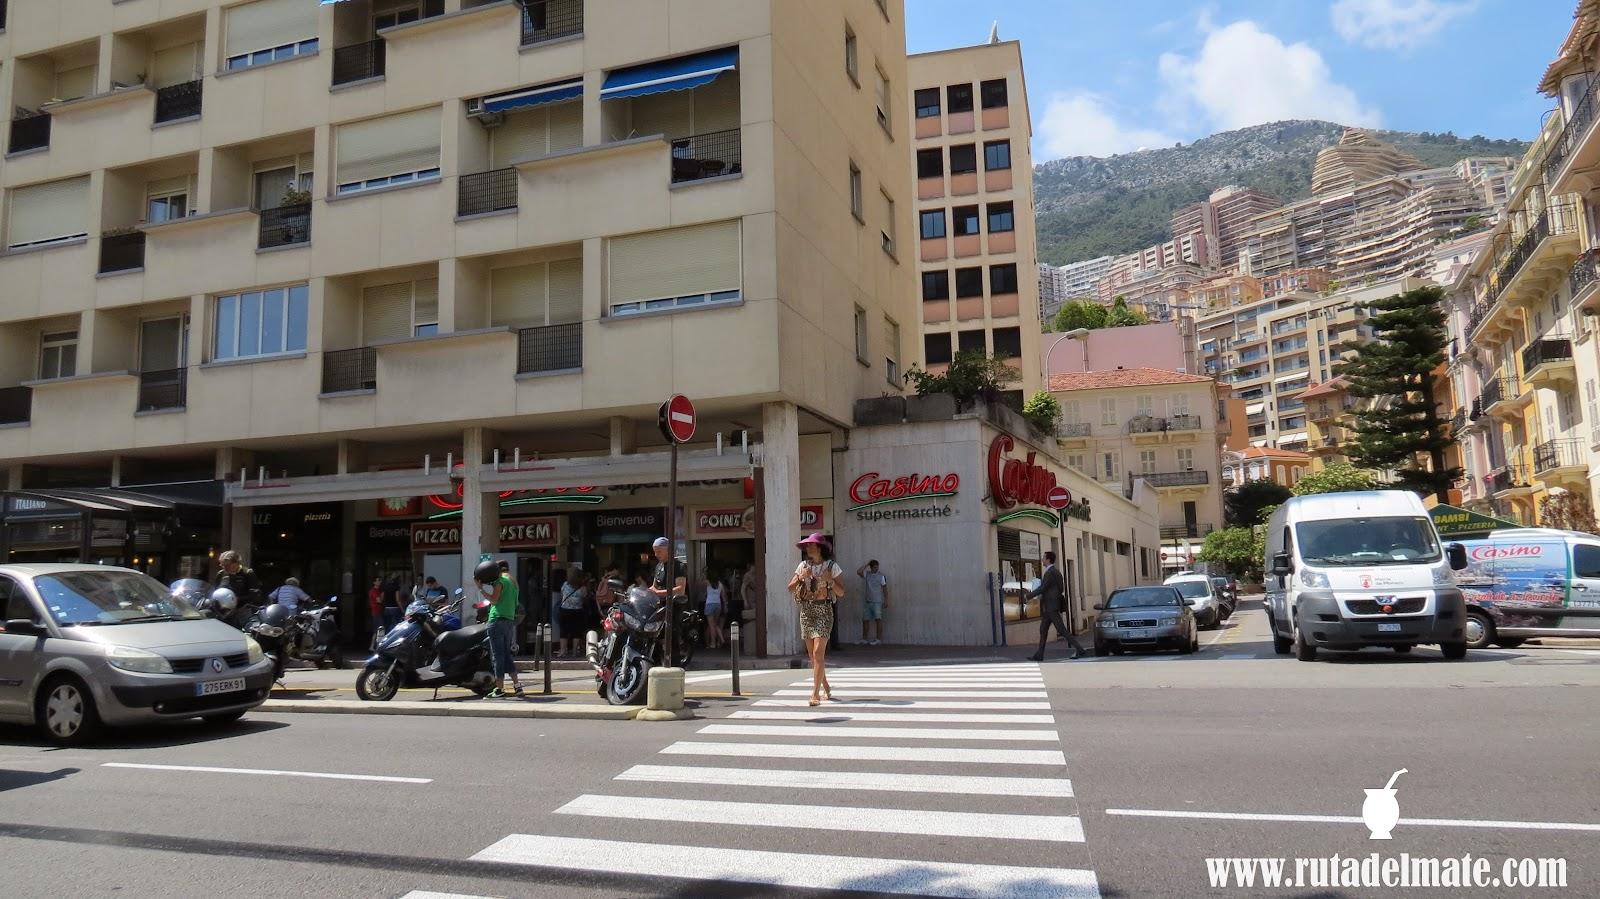 Monaco el pequeo pais del lujo ruta del mate ya no haba tiempo para subir al palacio una larga escalera que nos costara al menos media hora en subir as que sacamos alguna foto mas del puerto fandeluxe Images